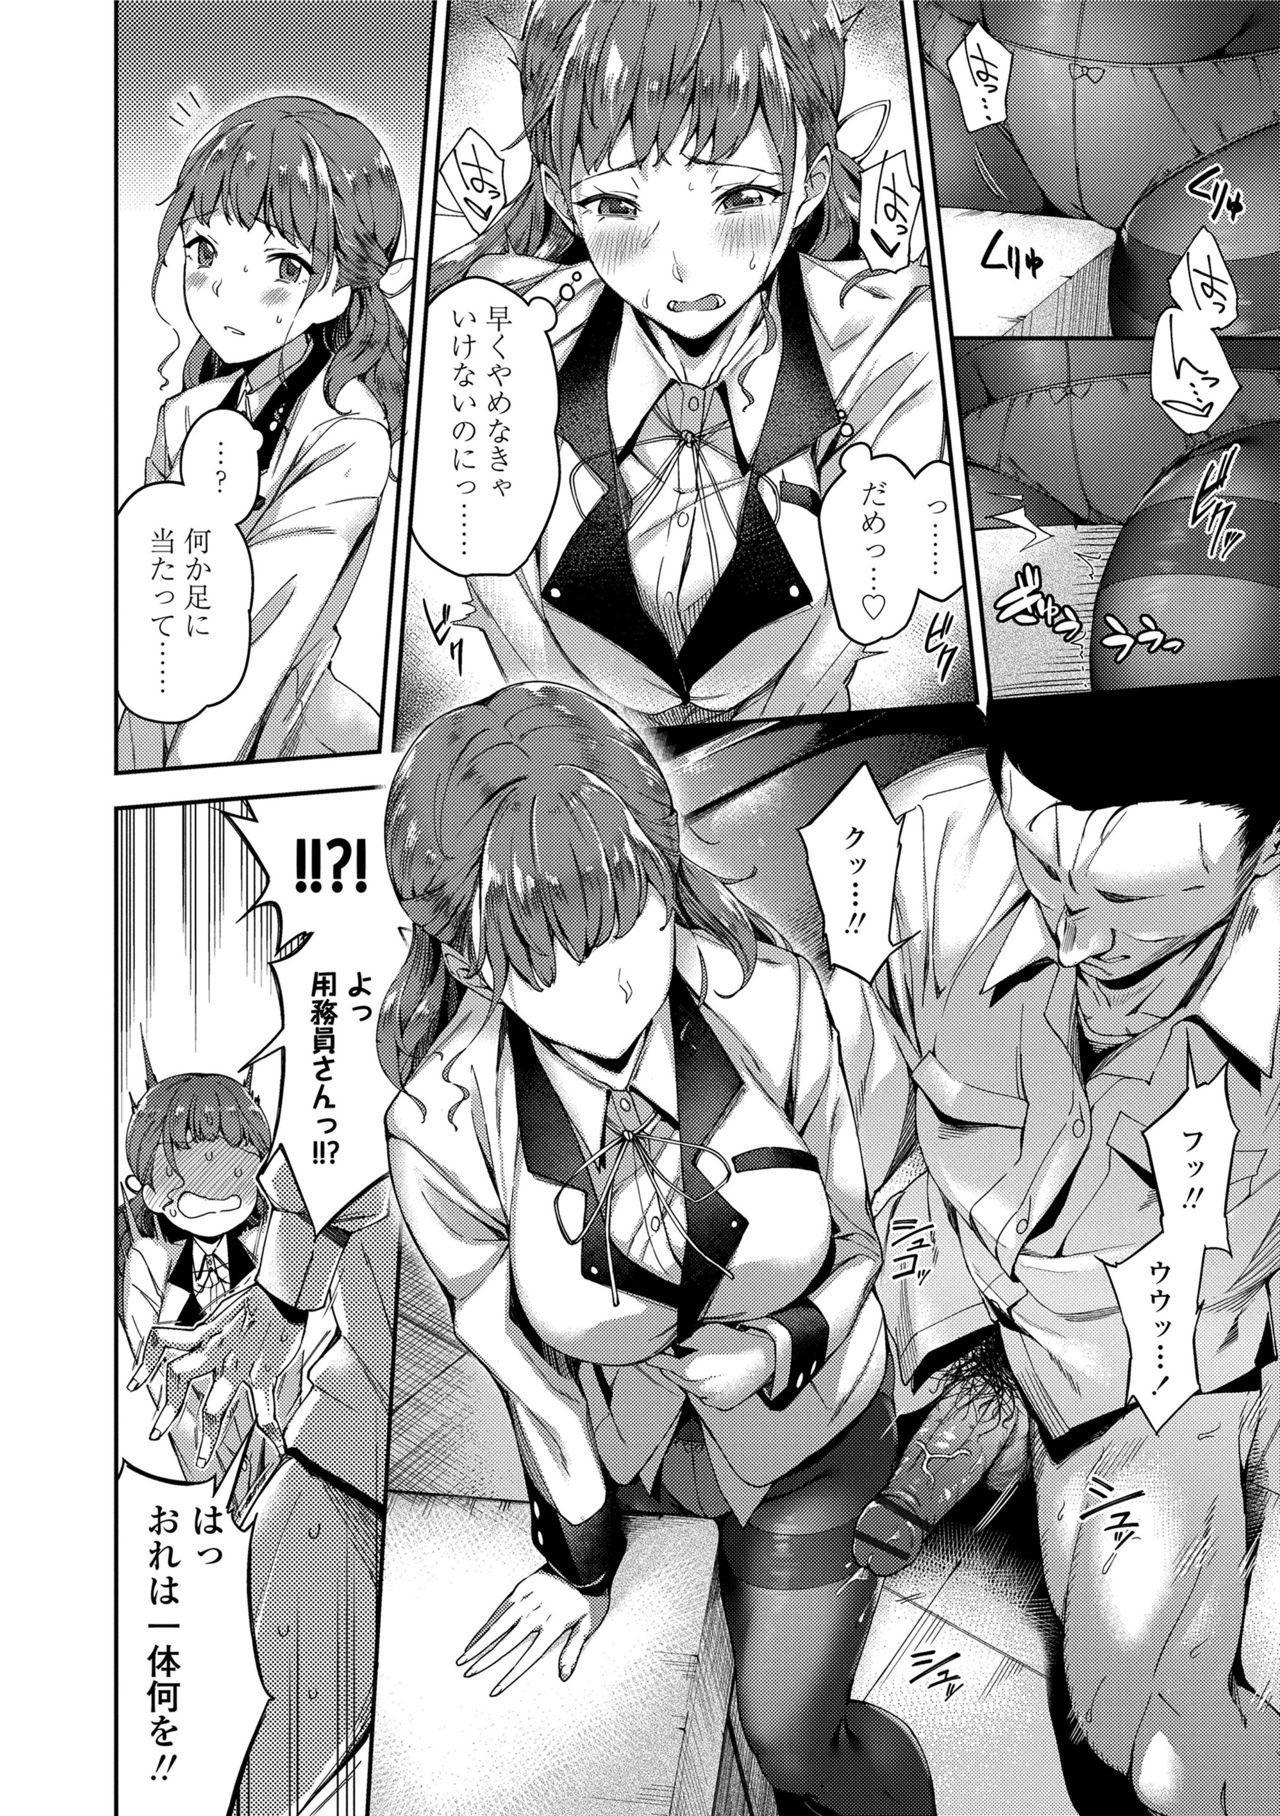 Ai ga Nakutemo Ecchi wa Dekiru! - Even if There is No Love You Can H! 7